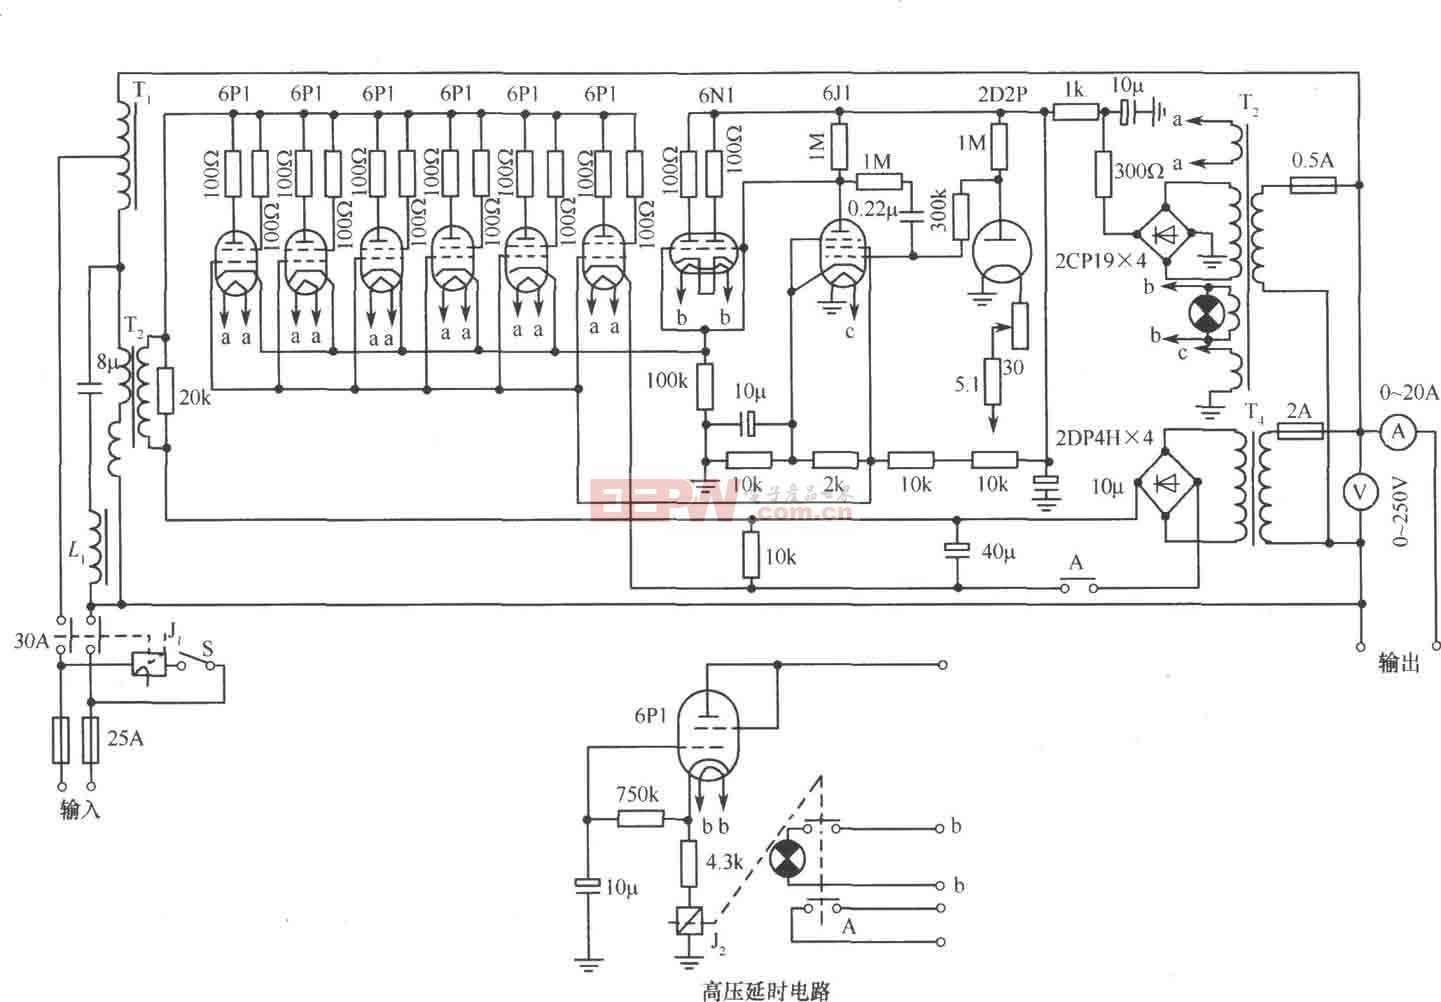 614-B3(3kVA)交流穩壓器電路